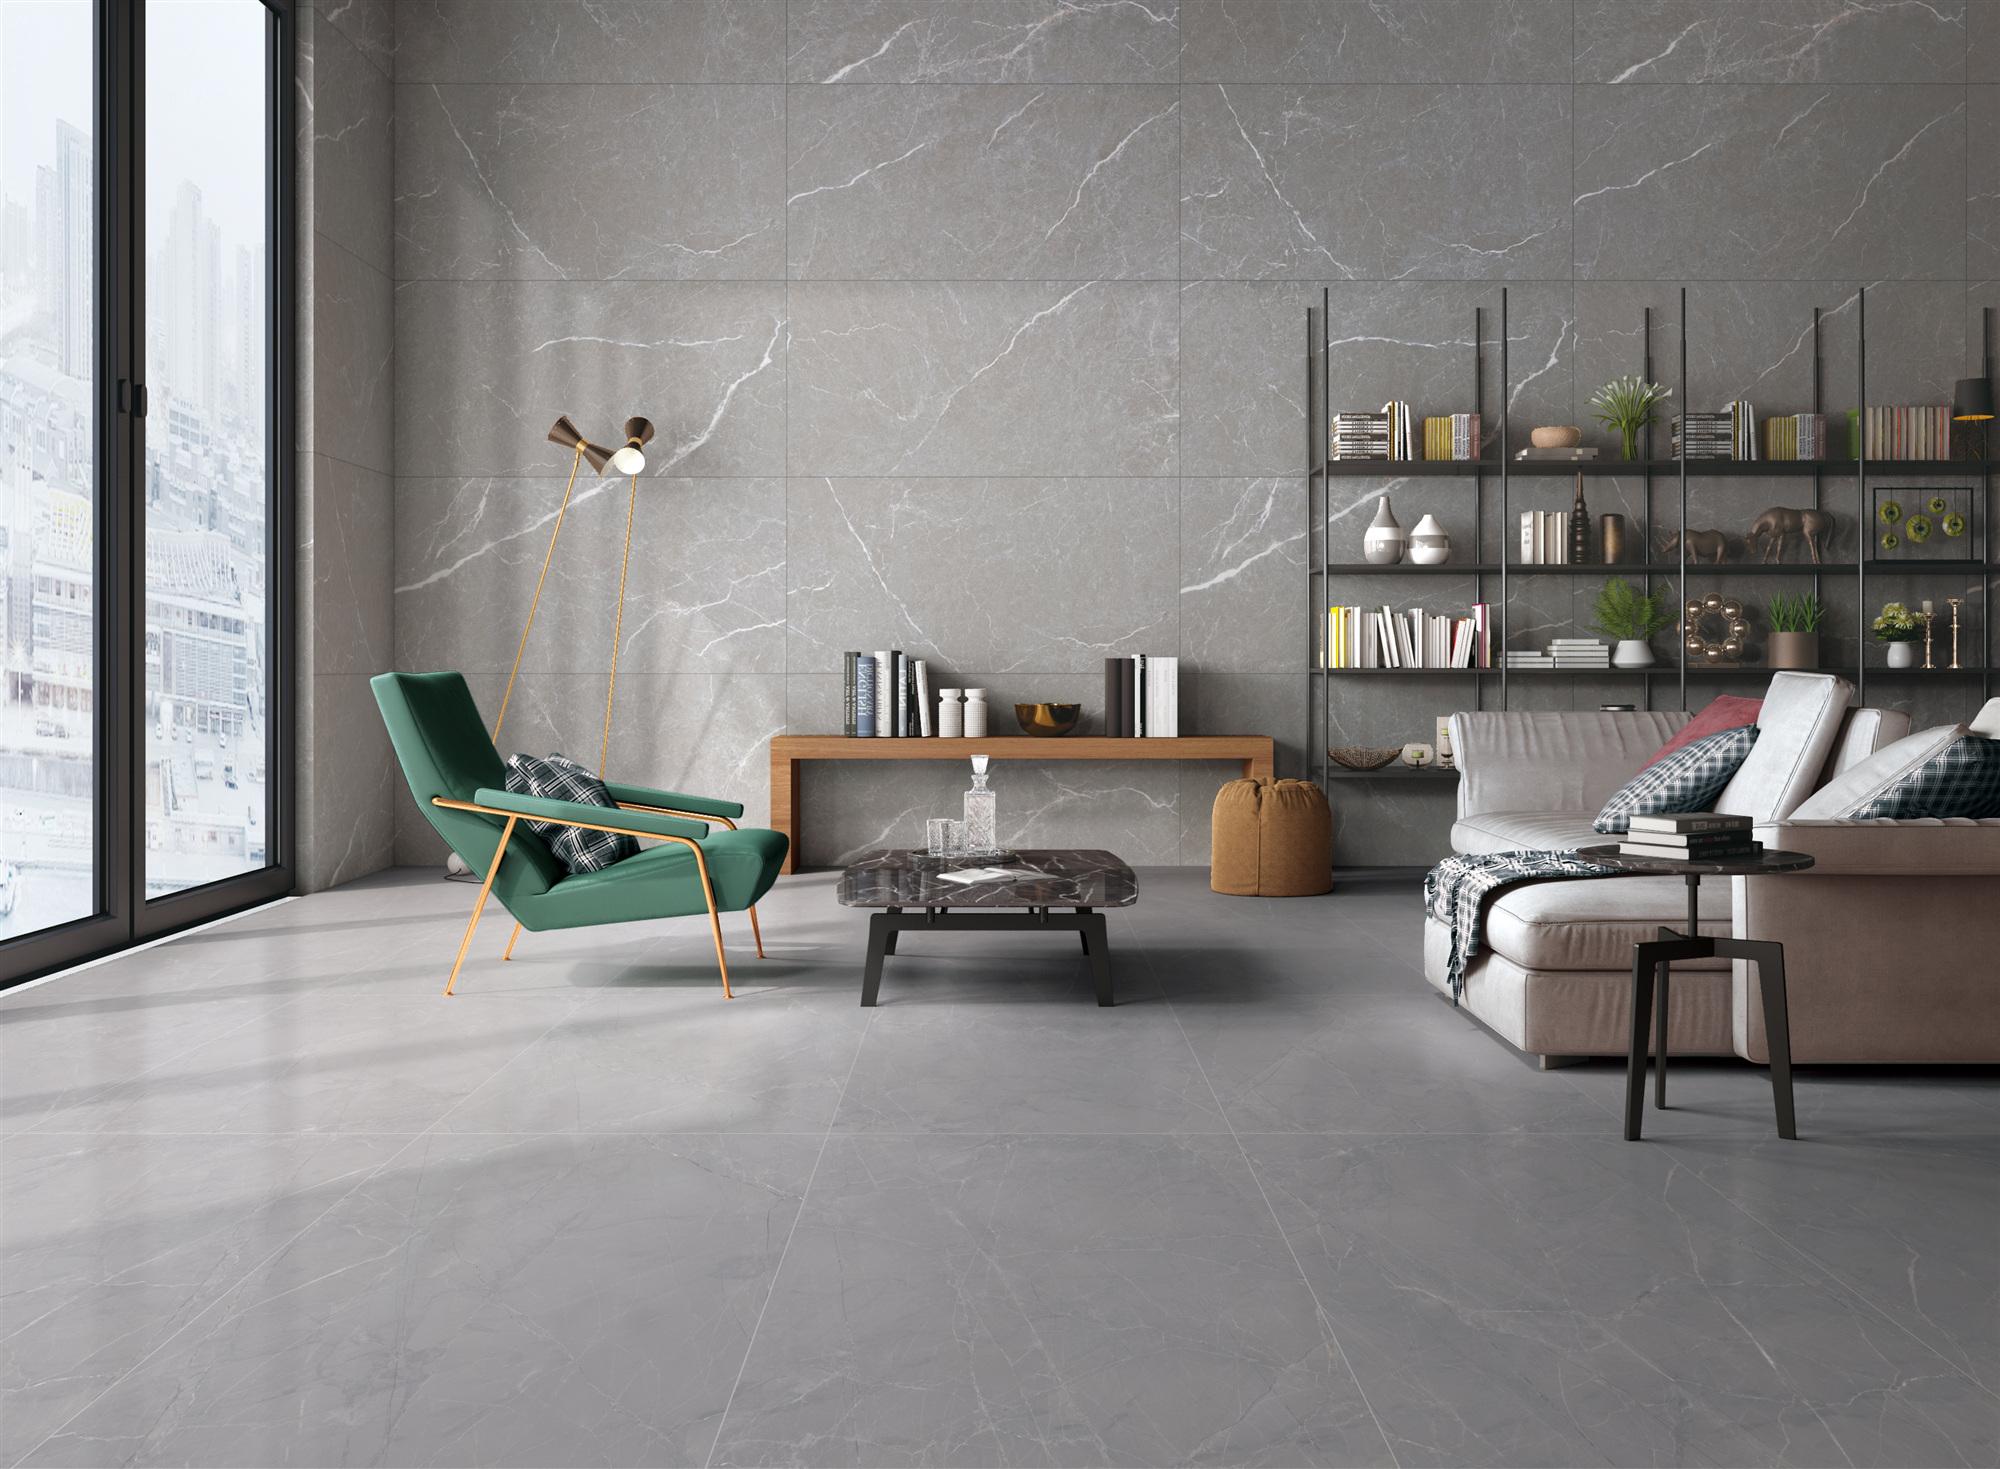 蒙地卡羅陶瓷融界臻石系列測評:素色瓷磚也能營造奢華空間